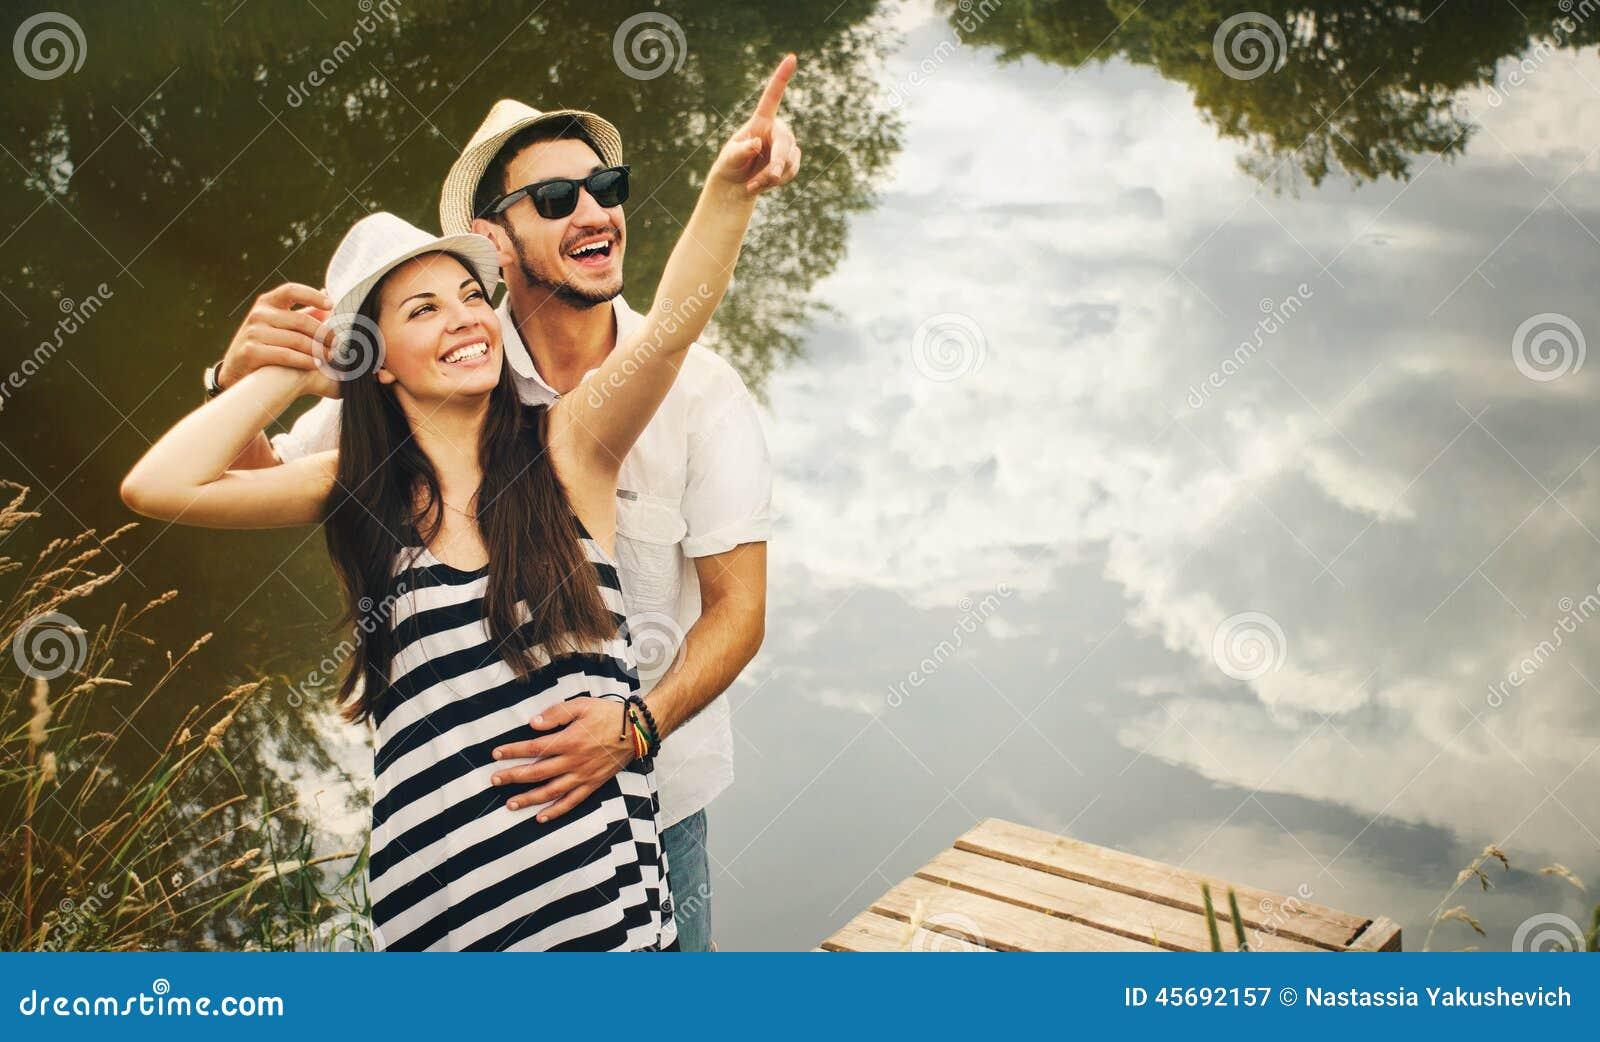 Umarmung von glücklichen romantischen Paaren auf Pier erforschen die Welt von ist